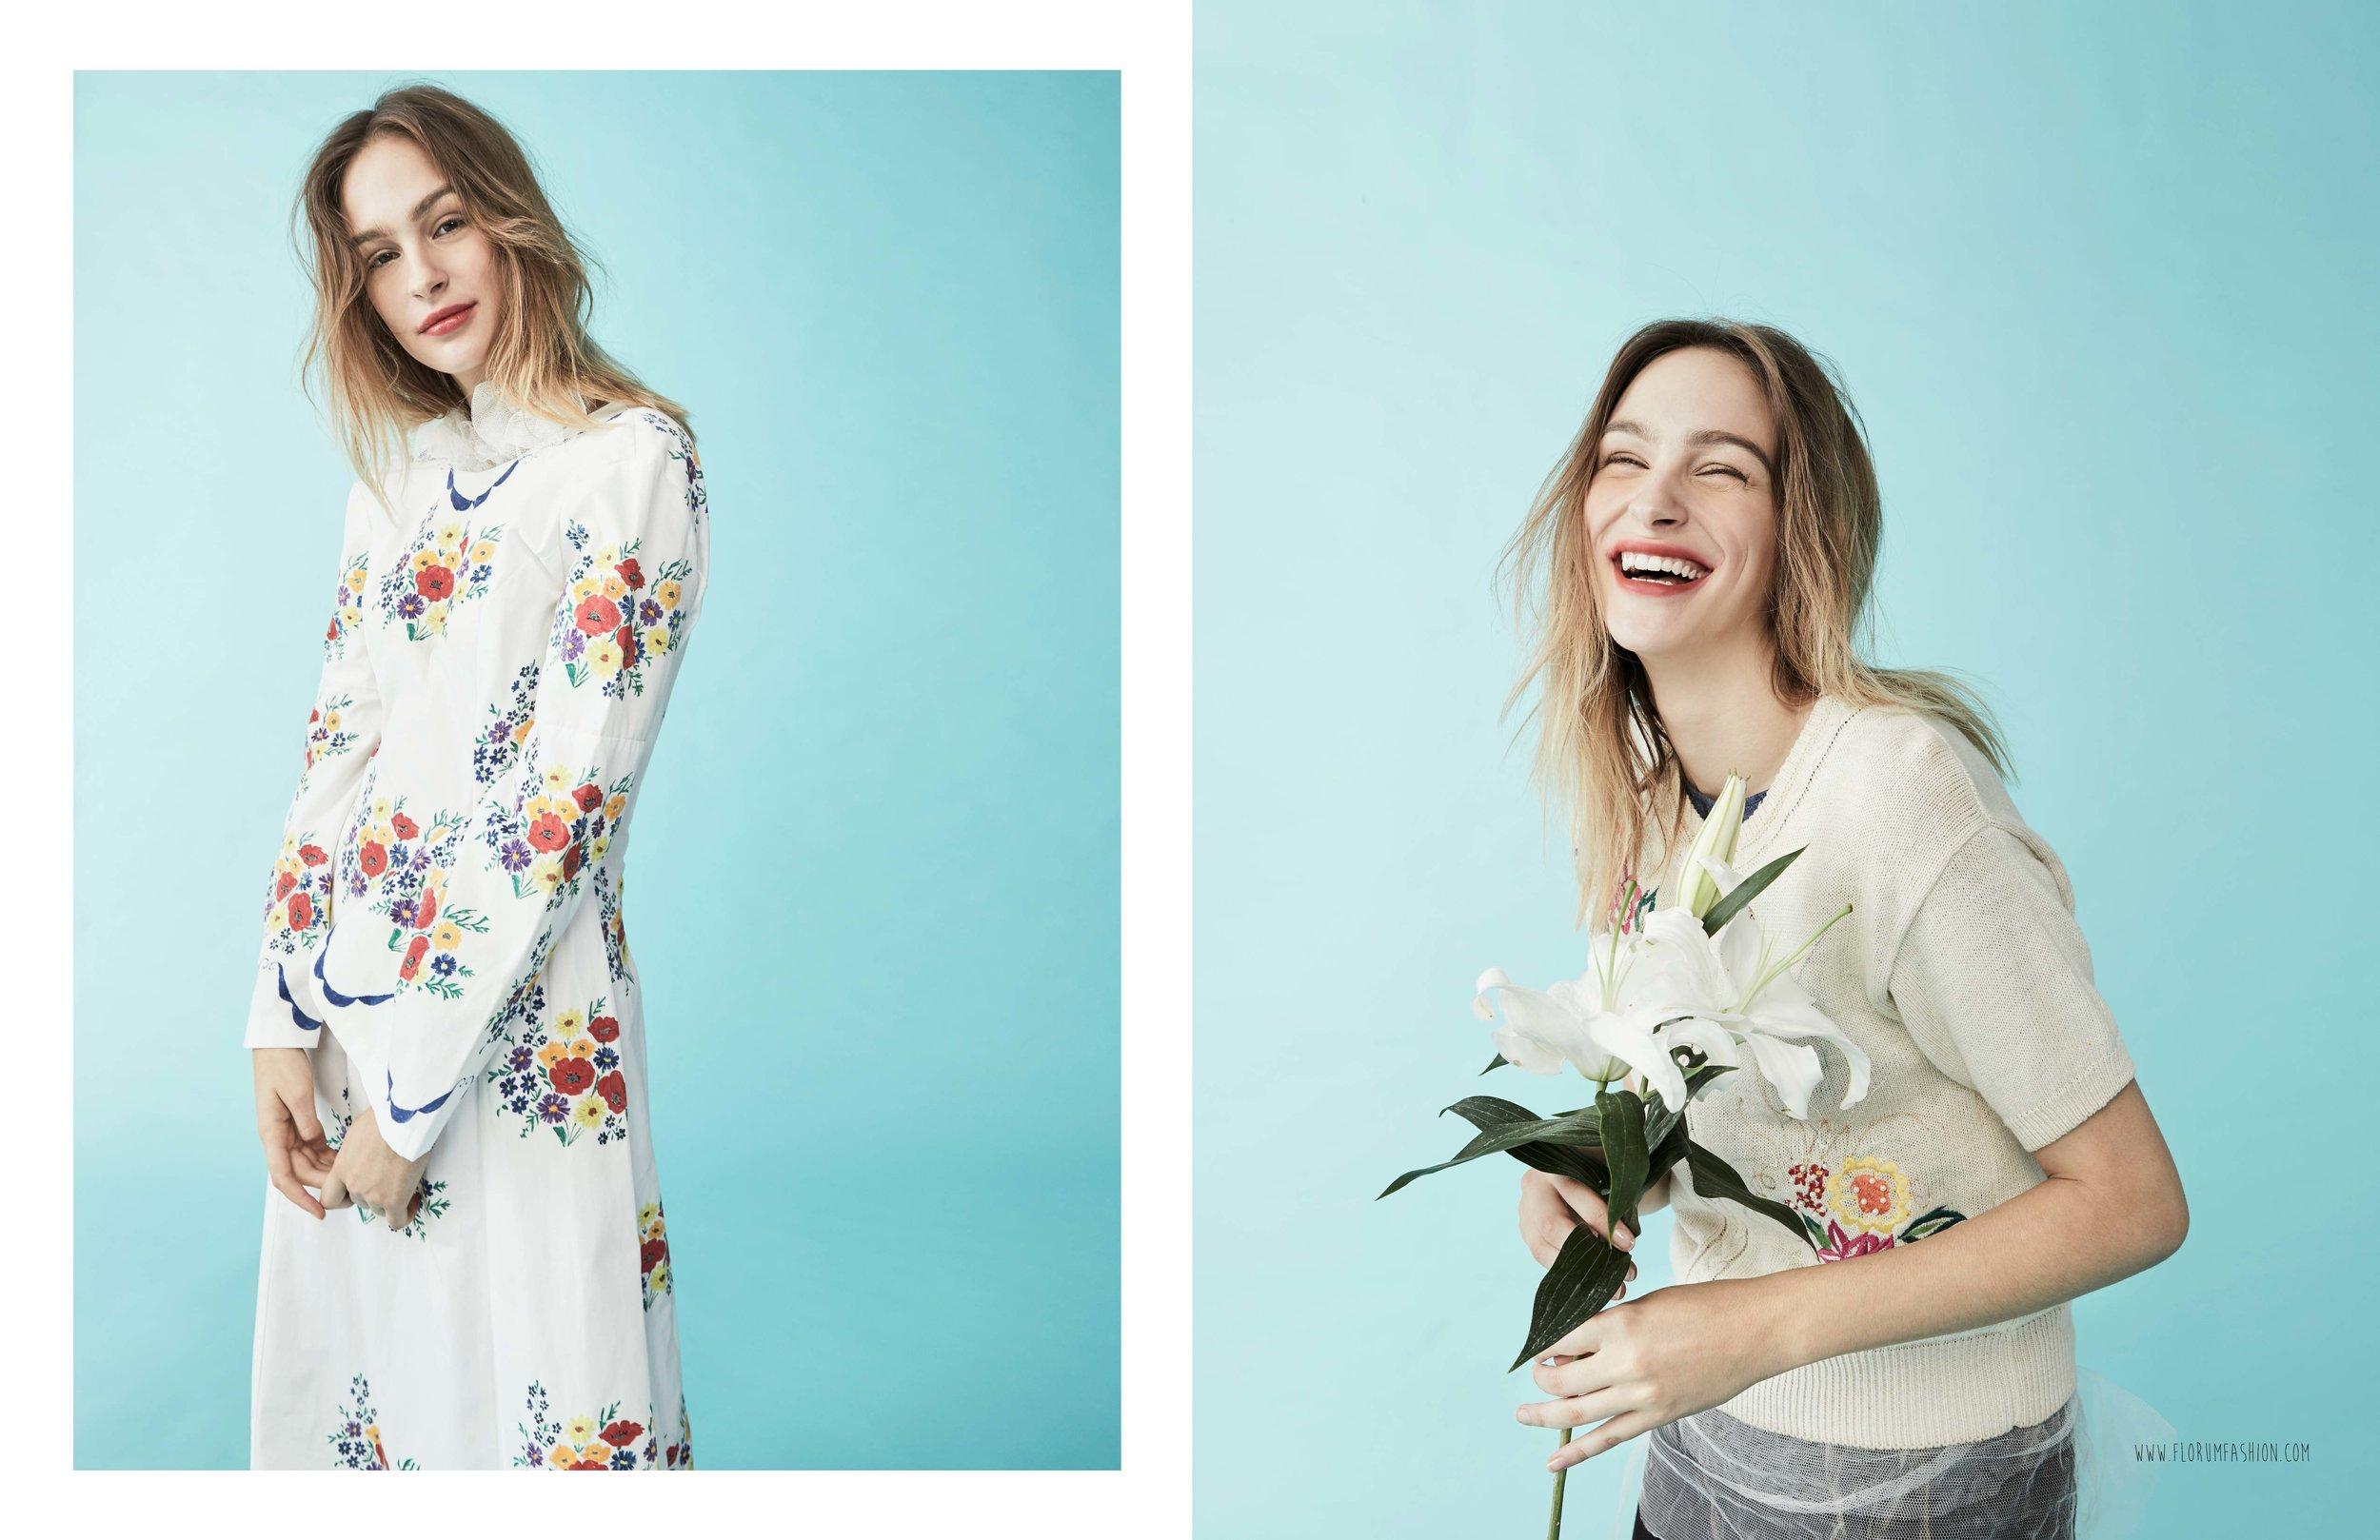 Jeter Un Coup d œil - June Ng - Florum Fashion Magazine - Jesus Rios Cozzetto - Wu Models - Vinter Vintage - Laura Sophie - Eco Friendly - Sustainable - Natural - Green - Submission